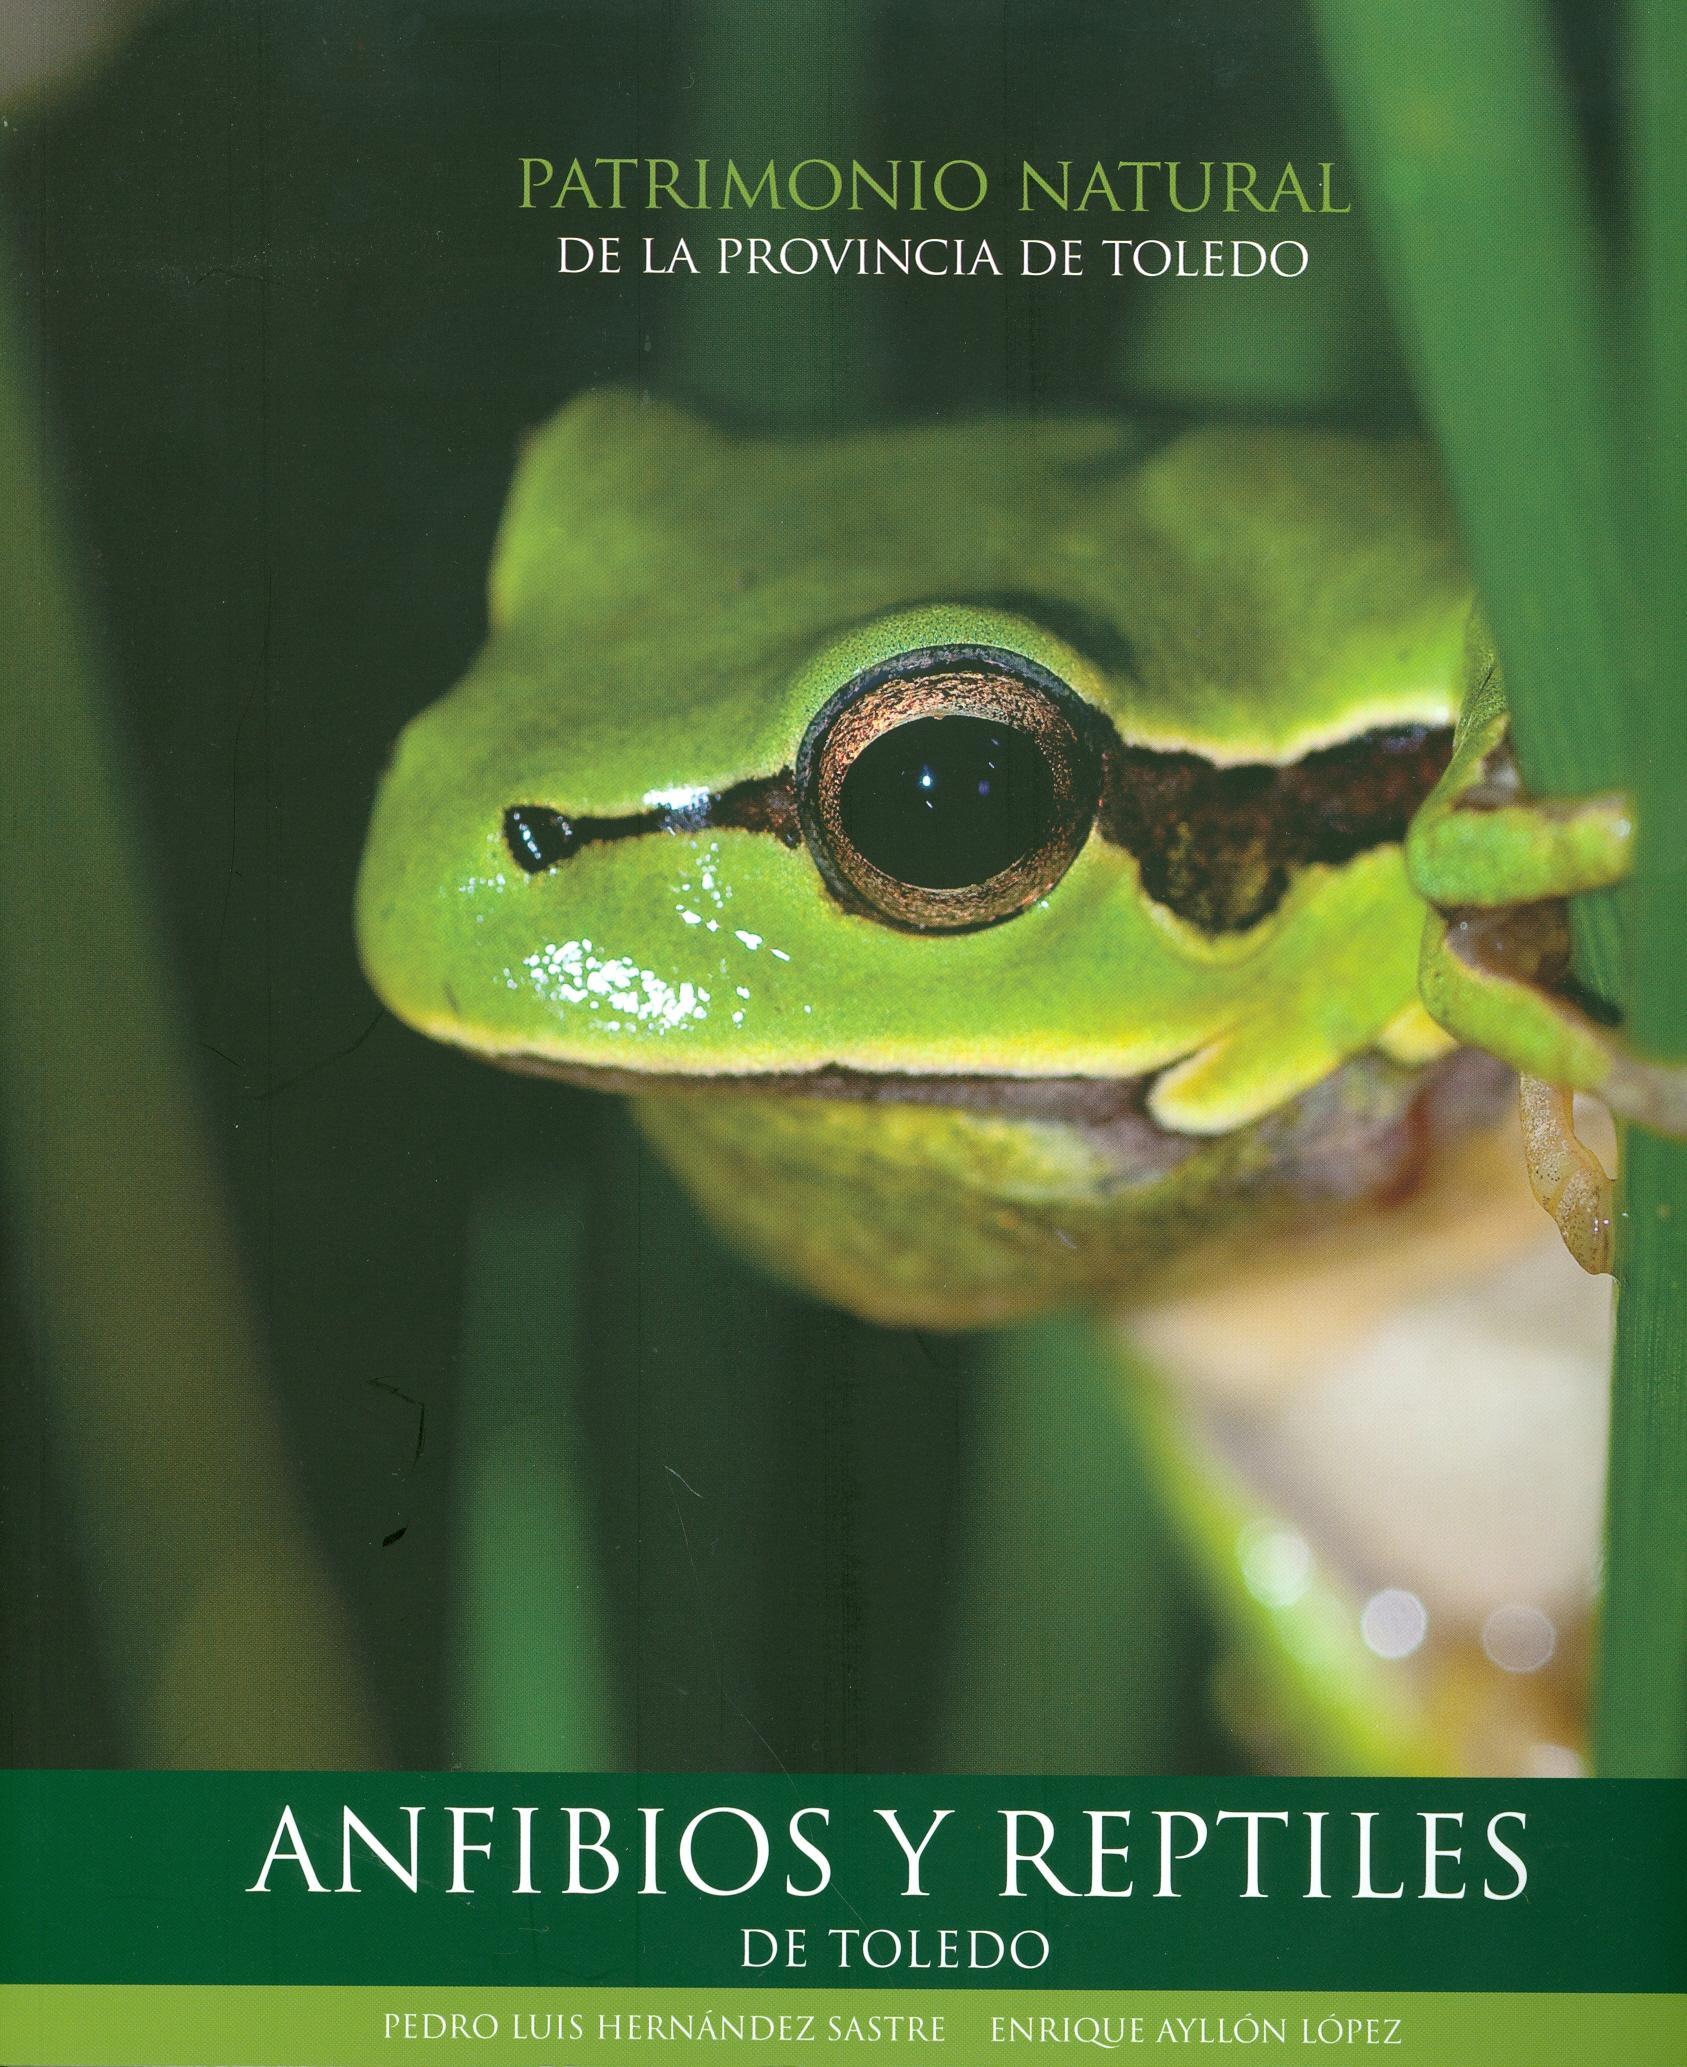 Anfibios y reptiles de Toledo